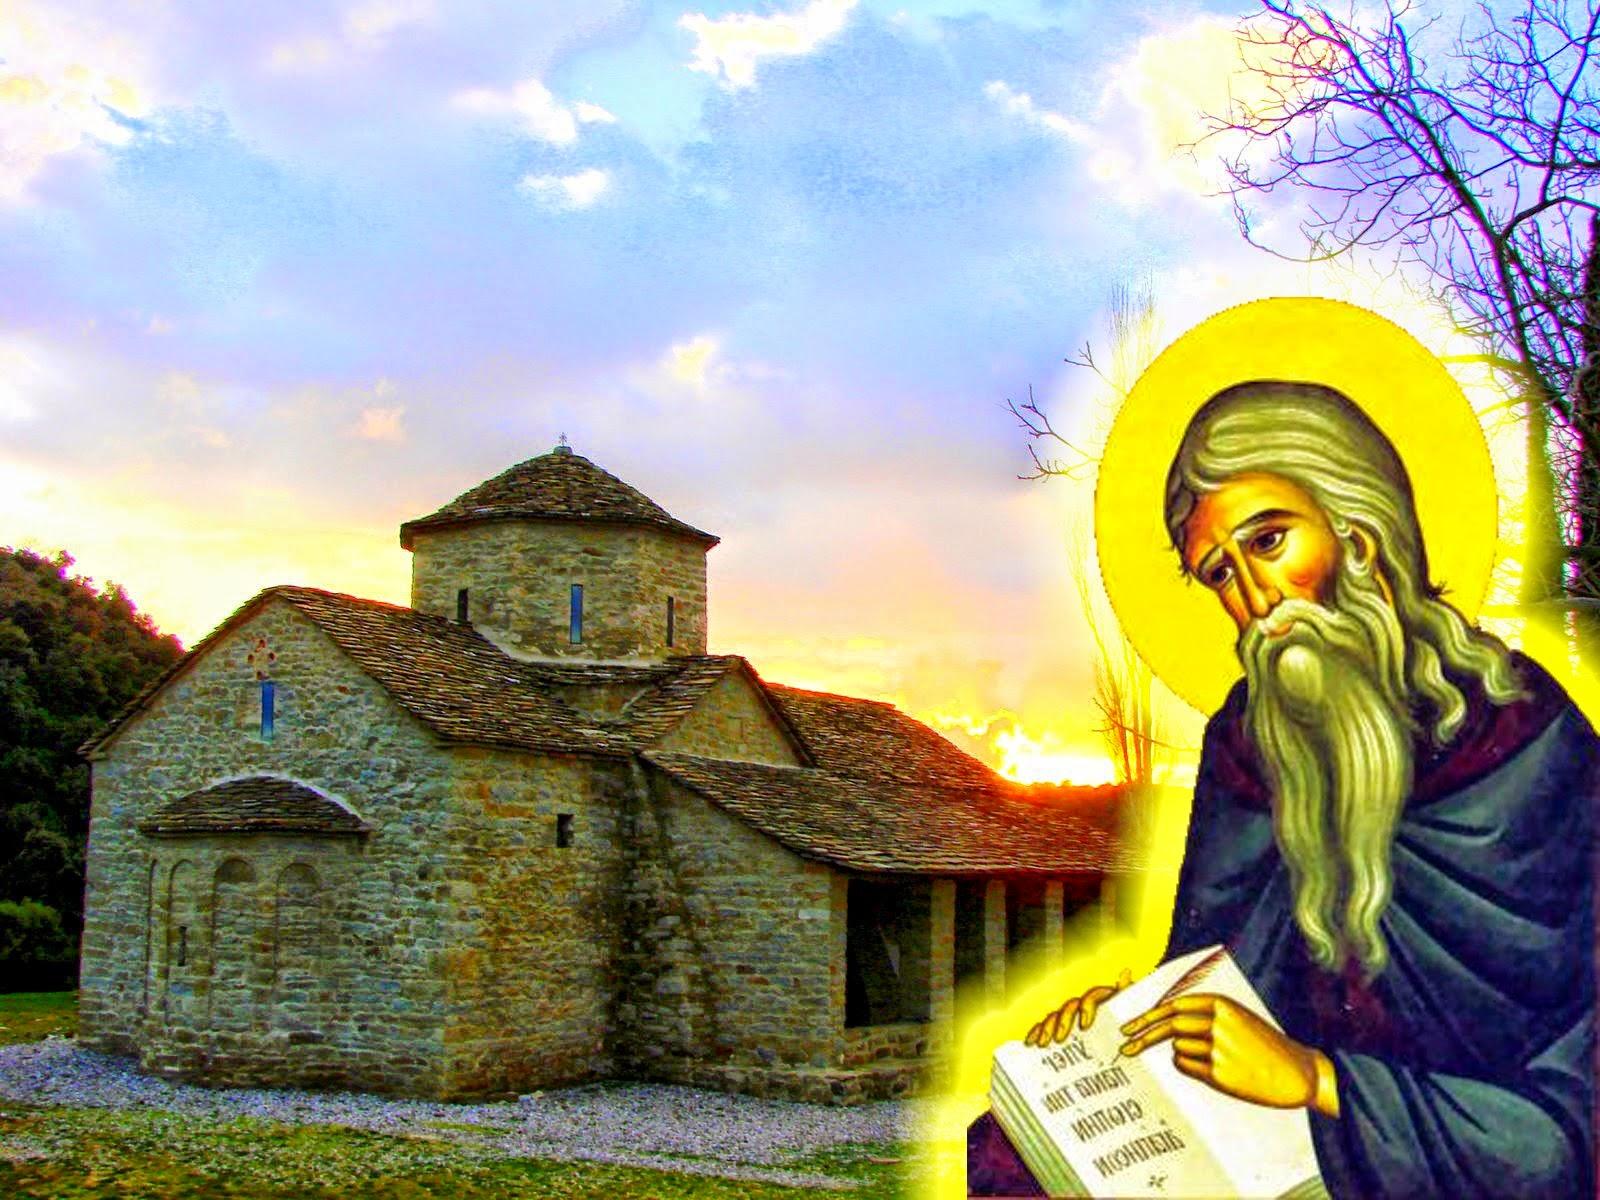 «Ο Πολύ αδικημένος Άγιος, Αββάς Ισαάκ ο Σύρος» ~ Στις 28 Σεπτεμβρίου τιμούμε την ιερή μνήμη του